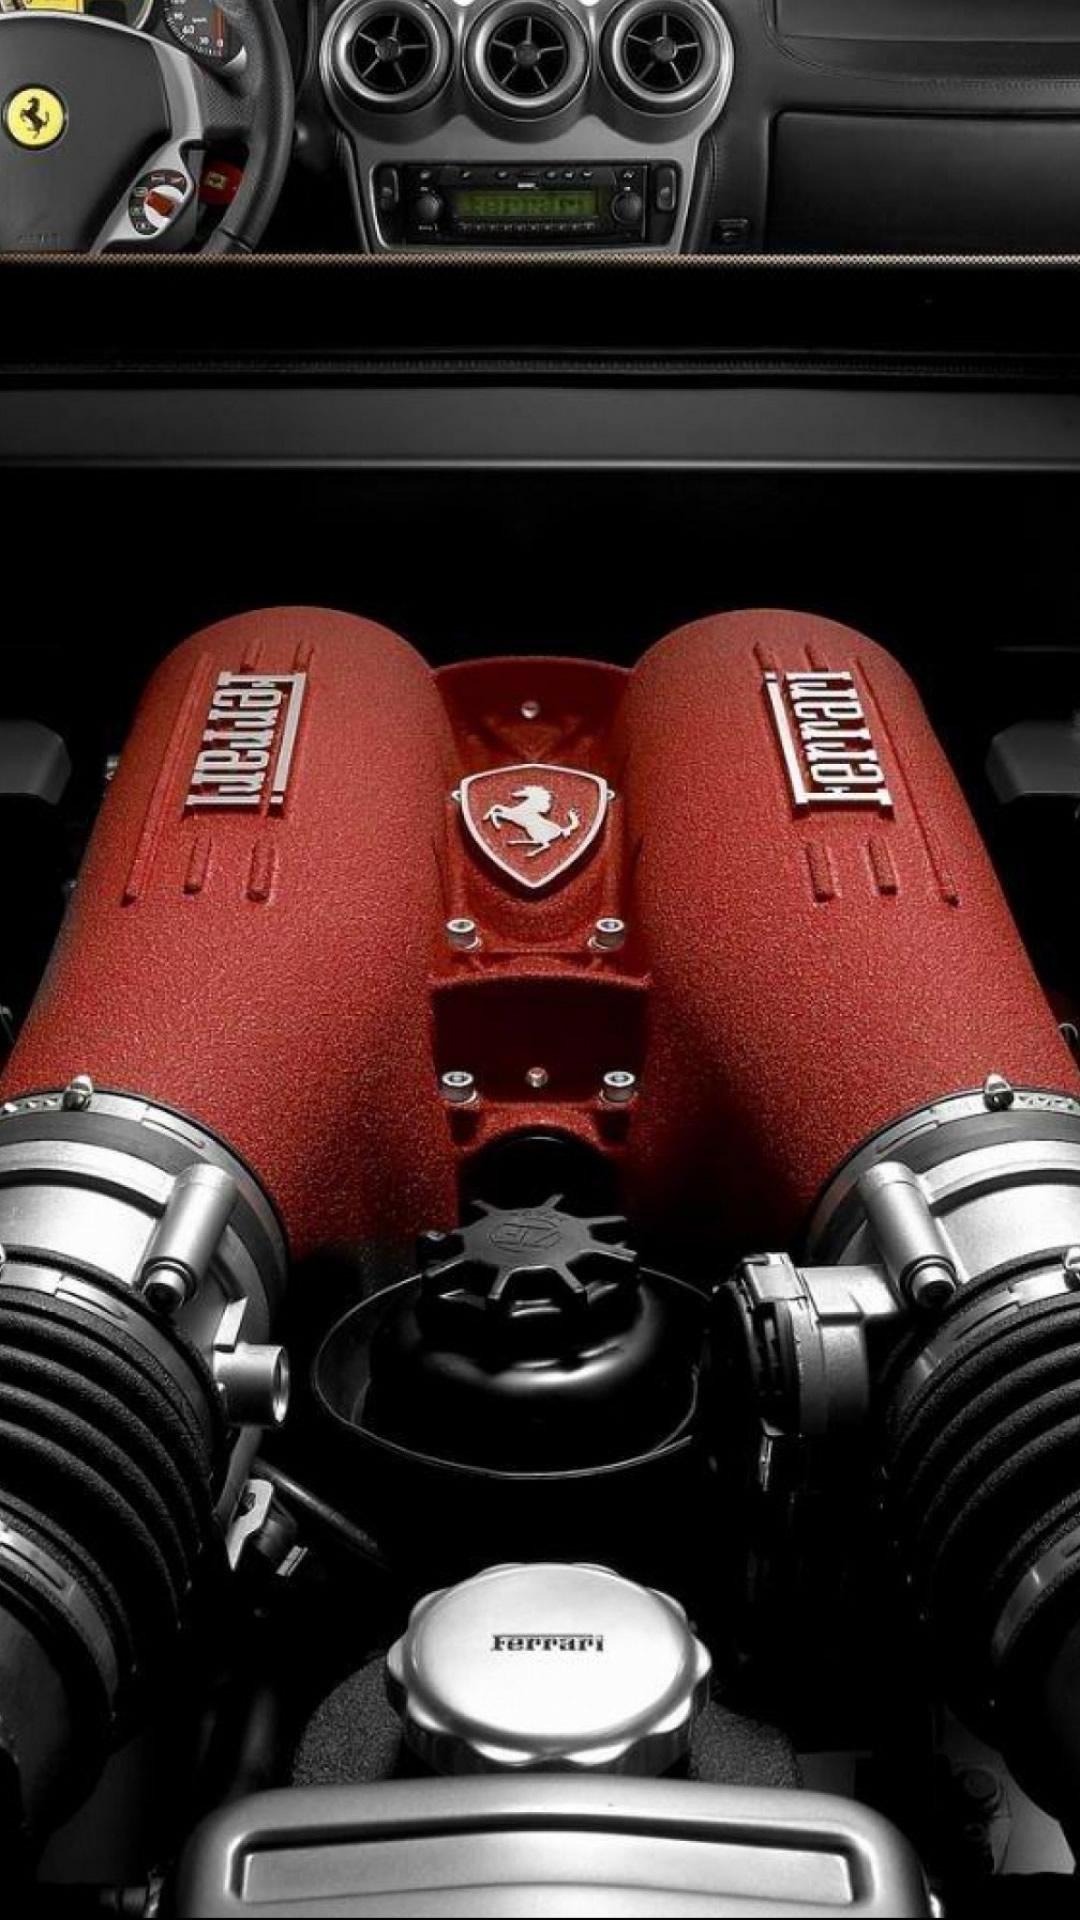 フェラーリエンジンのモバイル壁紙 1080 19 Iphoneチーズ